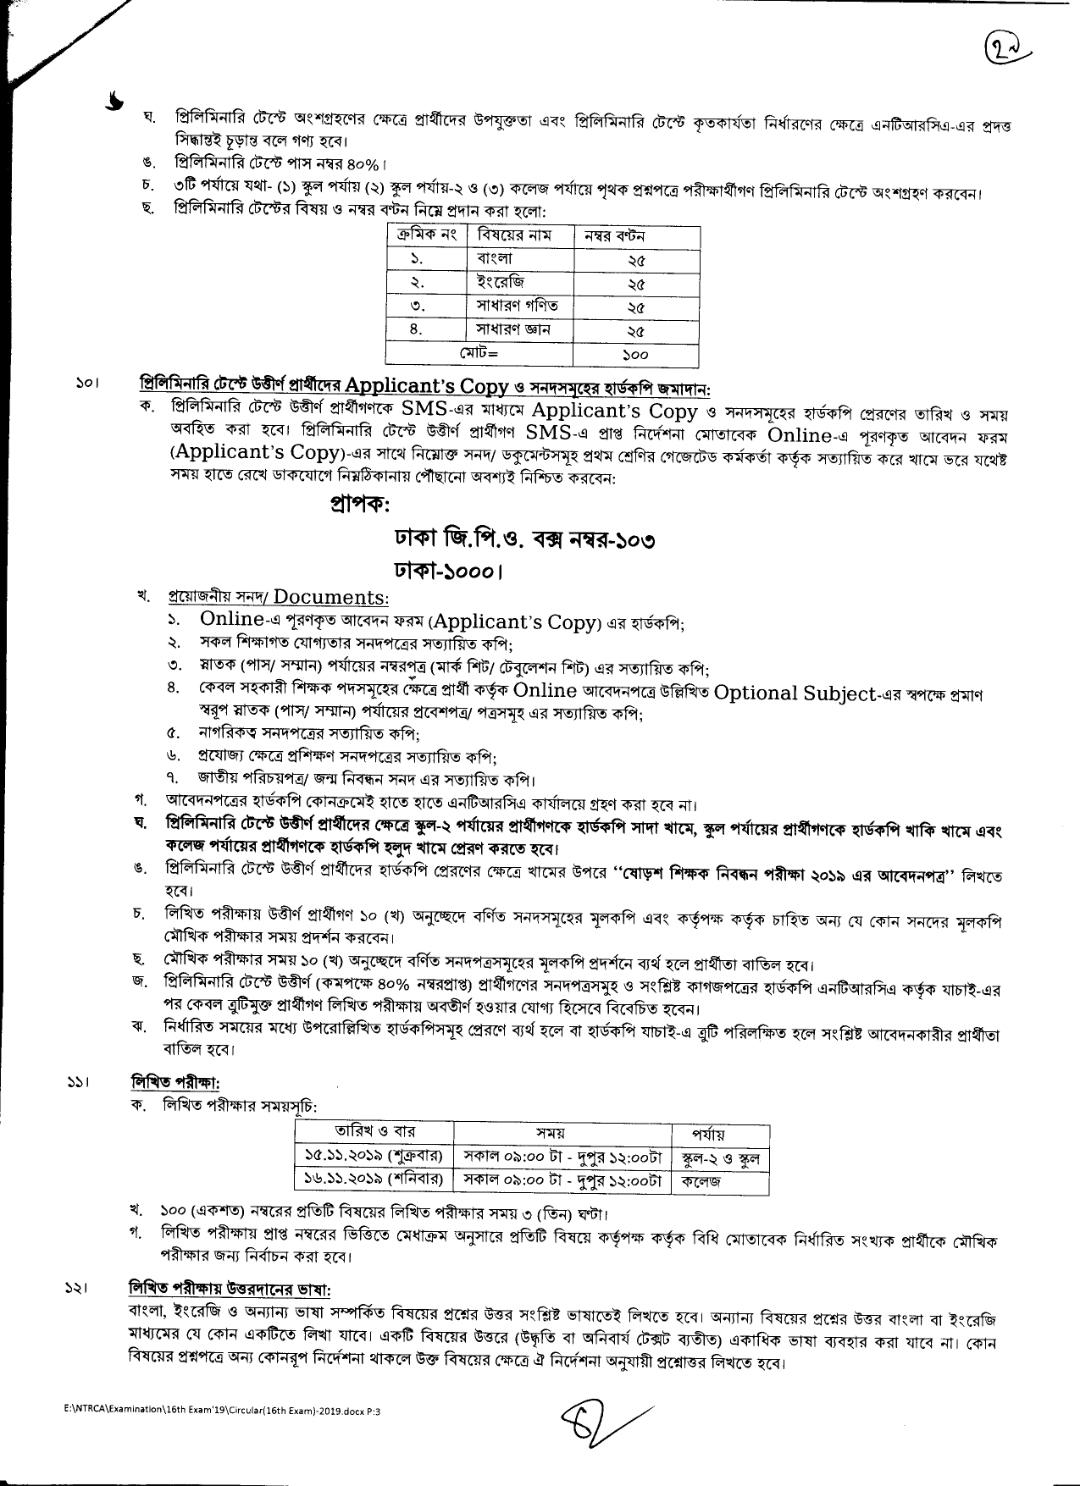 16th ntrca exam circular 2019